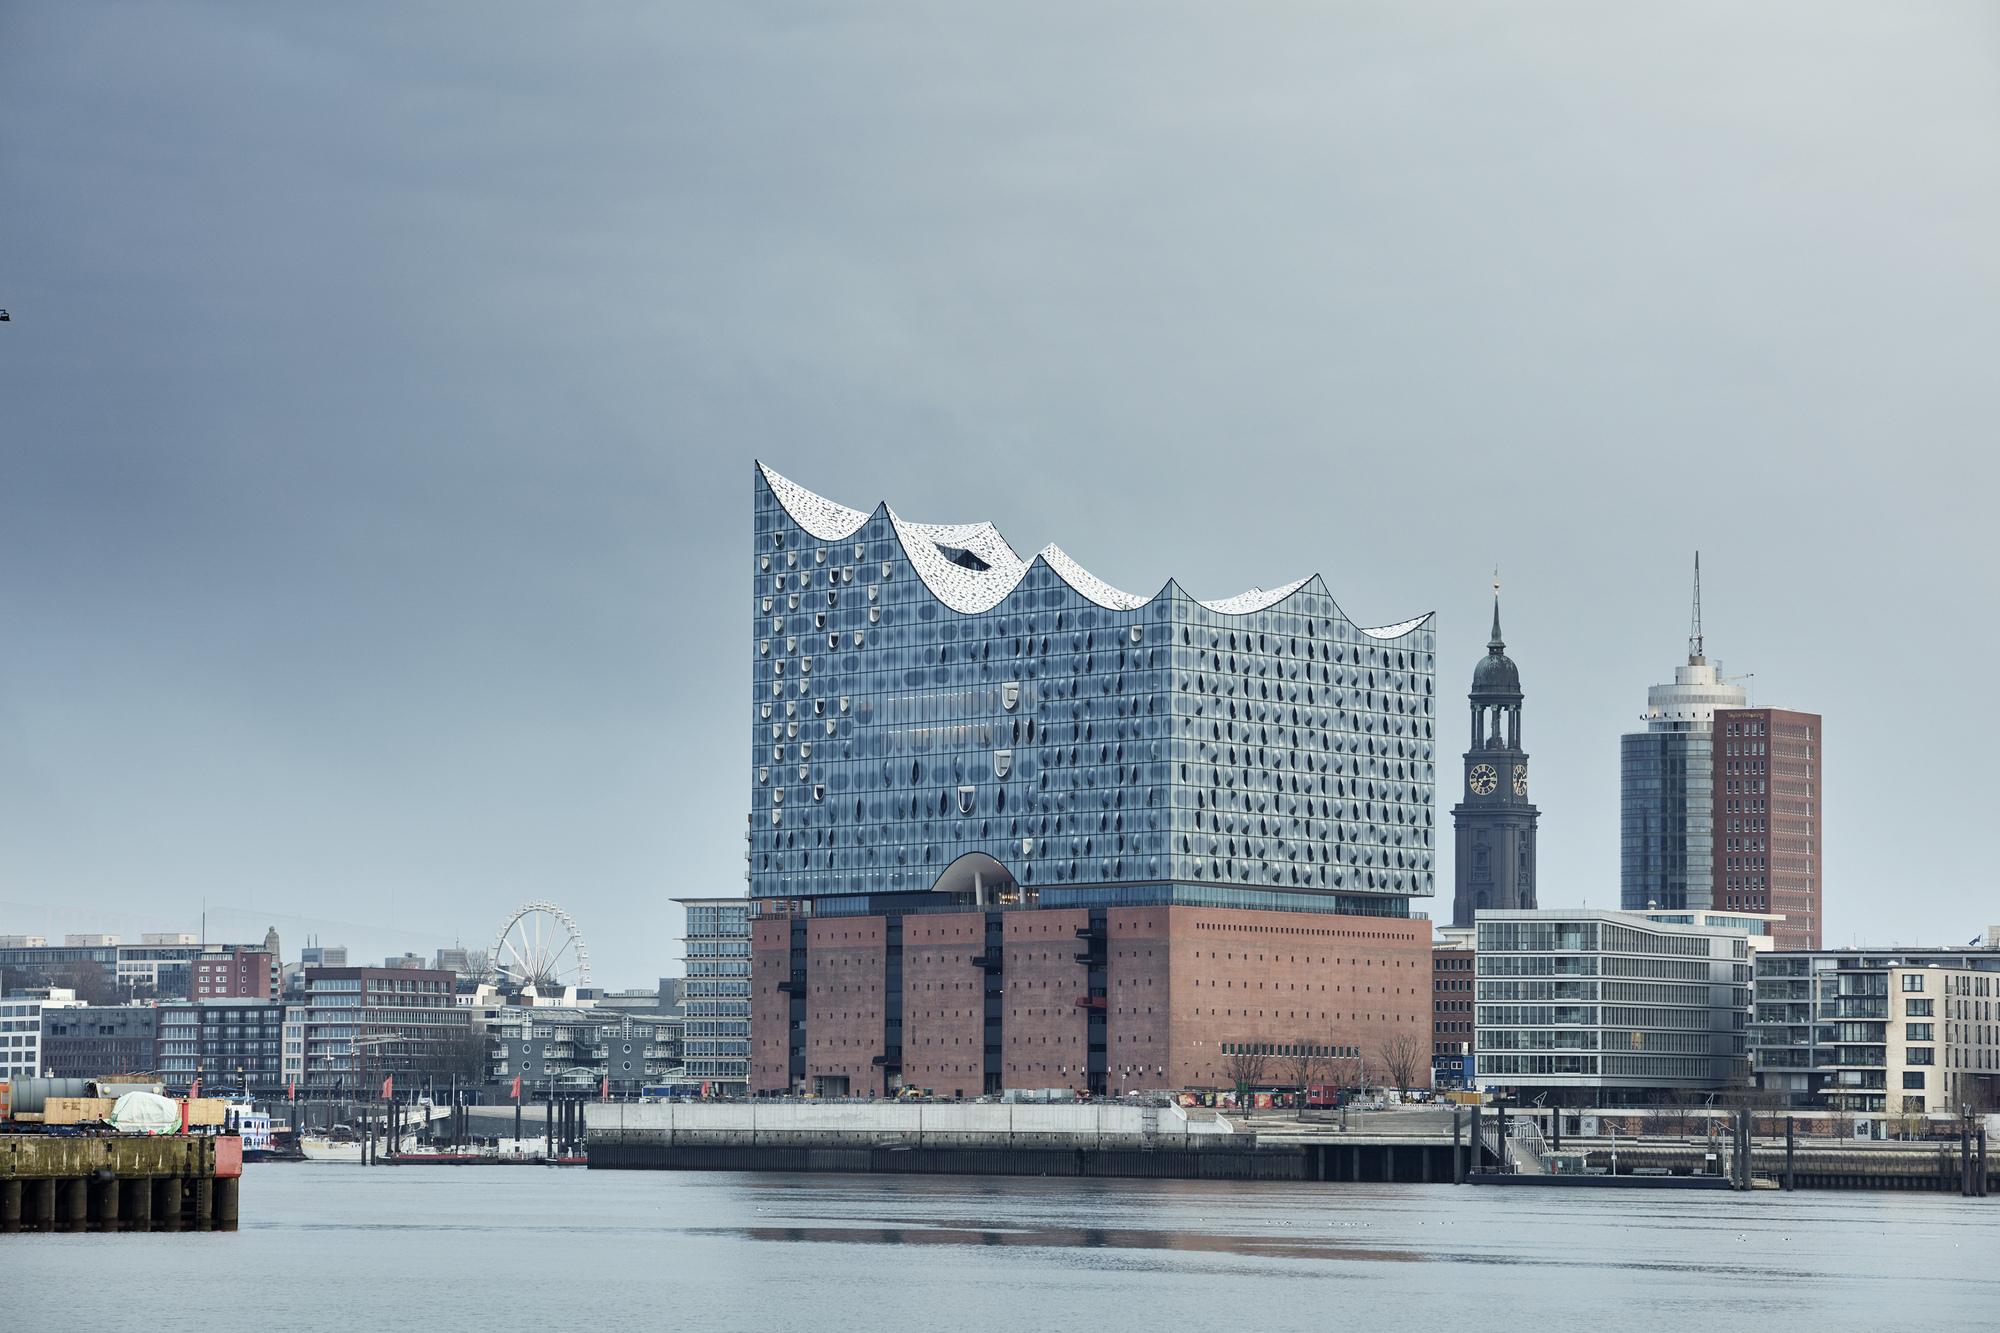 Hamburg Elbphilharmonie | Tag | ArchDaily